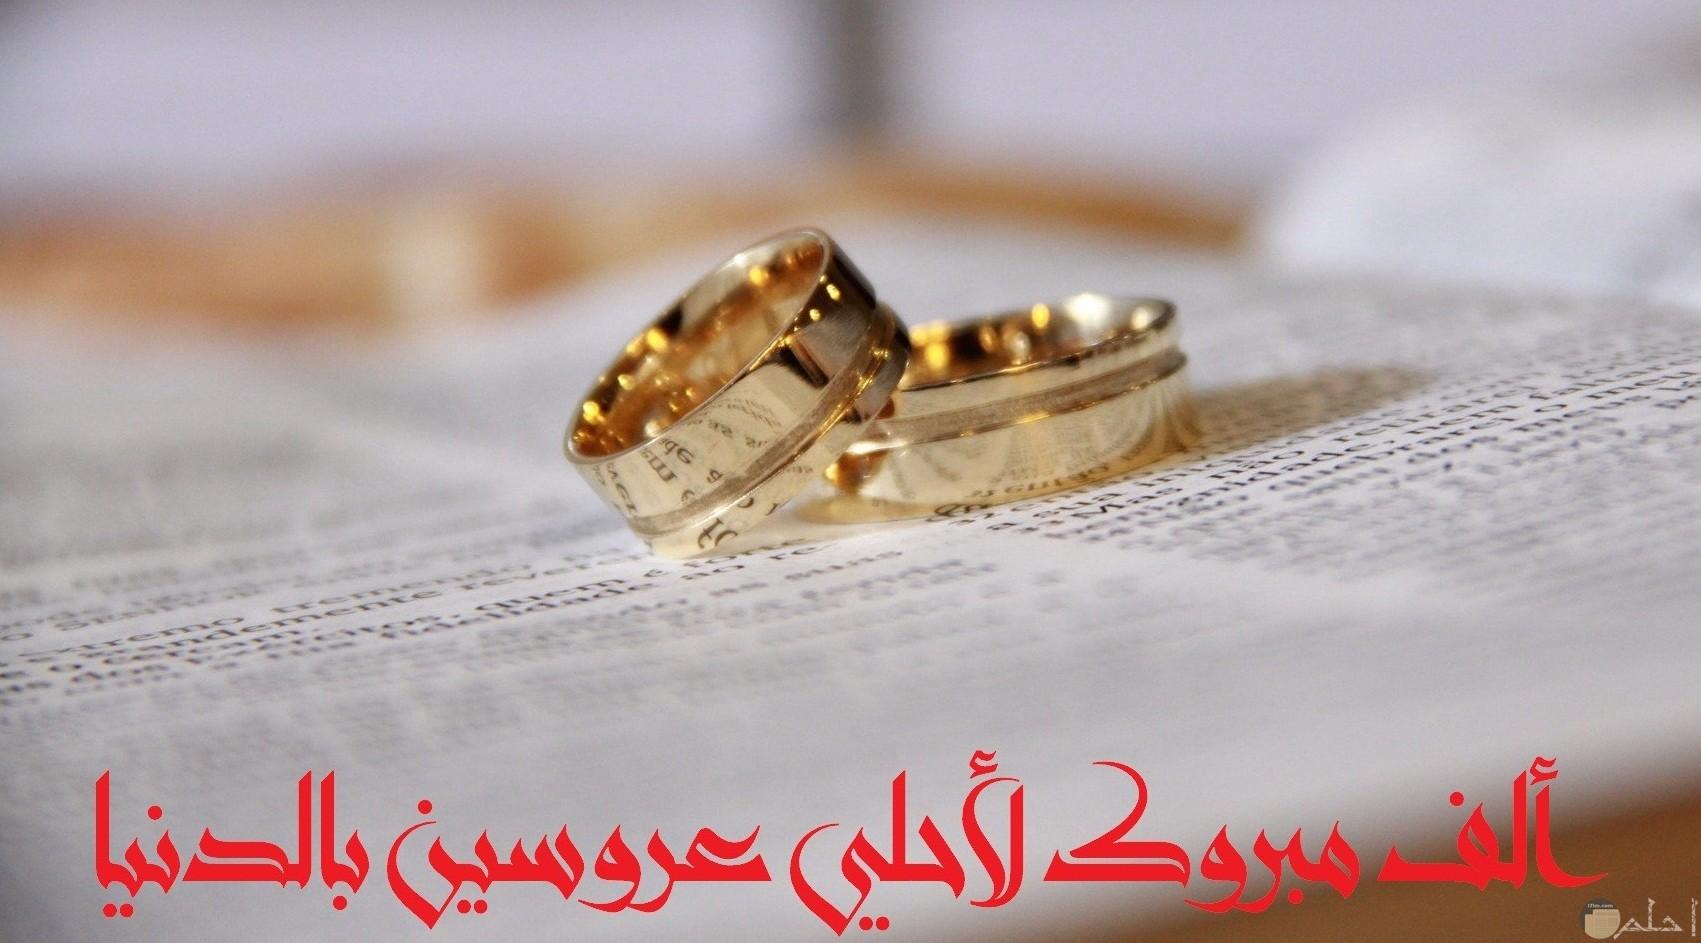 صورة تهنئة جميلة مكتوب عليها ألف مبروك لأحلي عروسين بالدنيا مع خاتمين حلوين